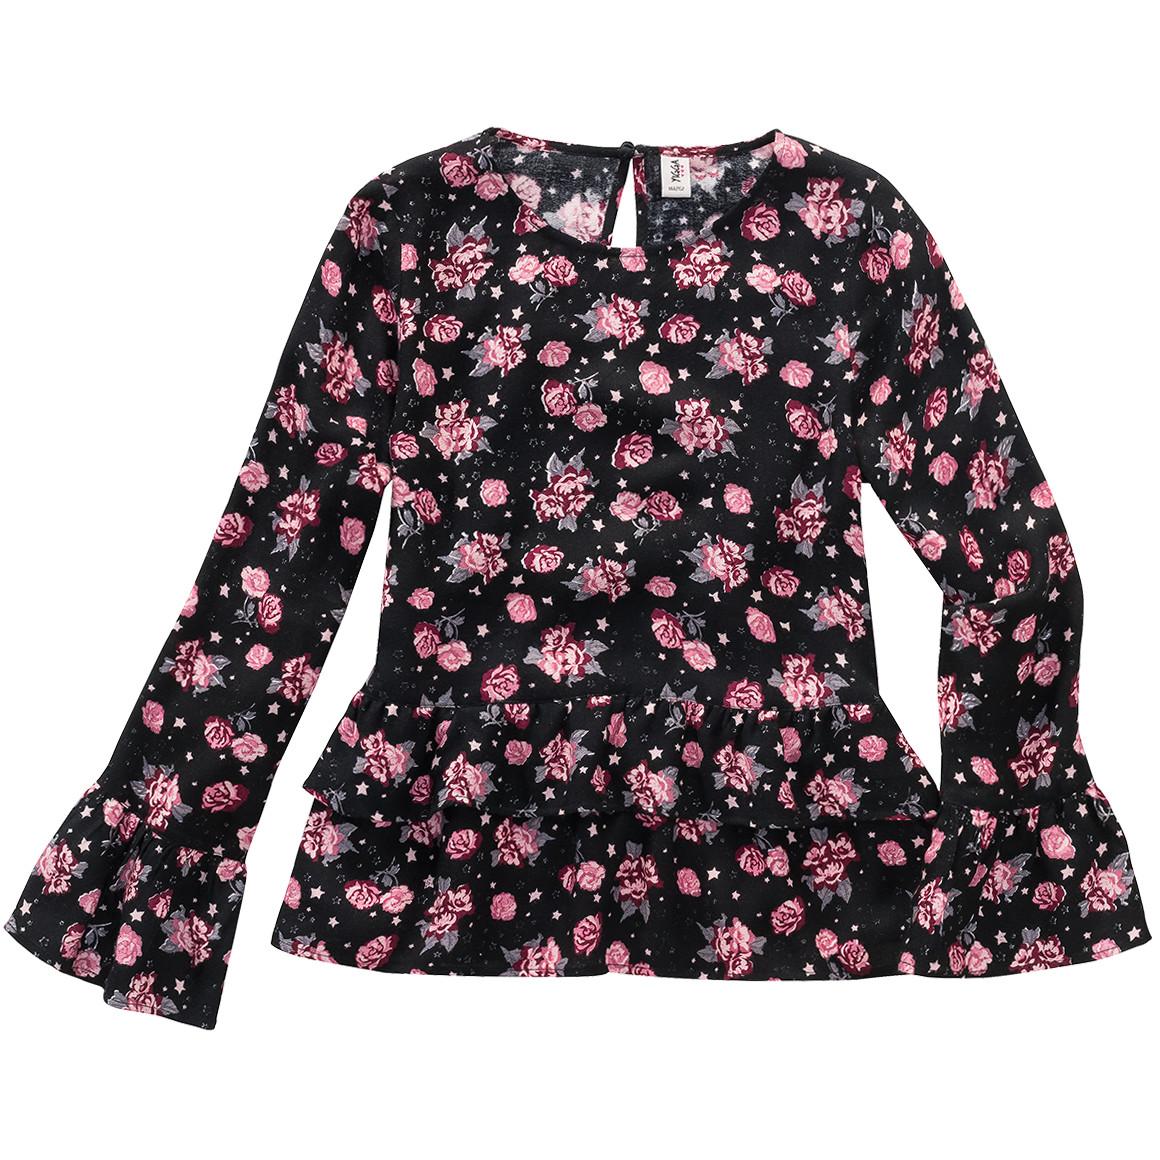 Mädchen Bluse mit Rosen bedruckt